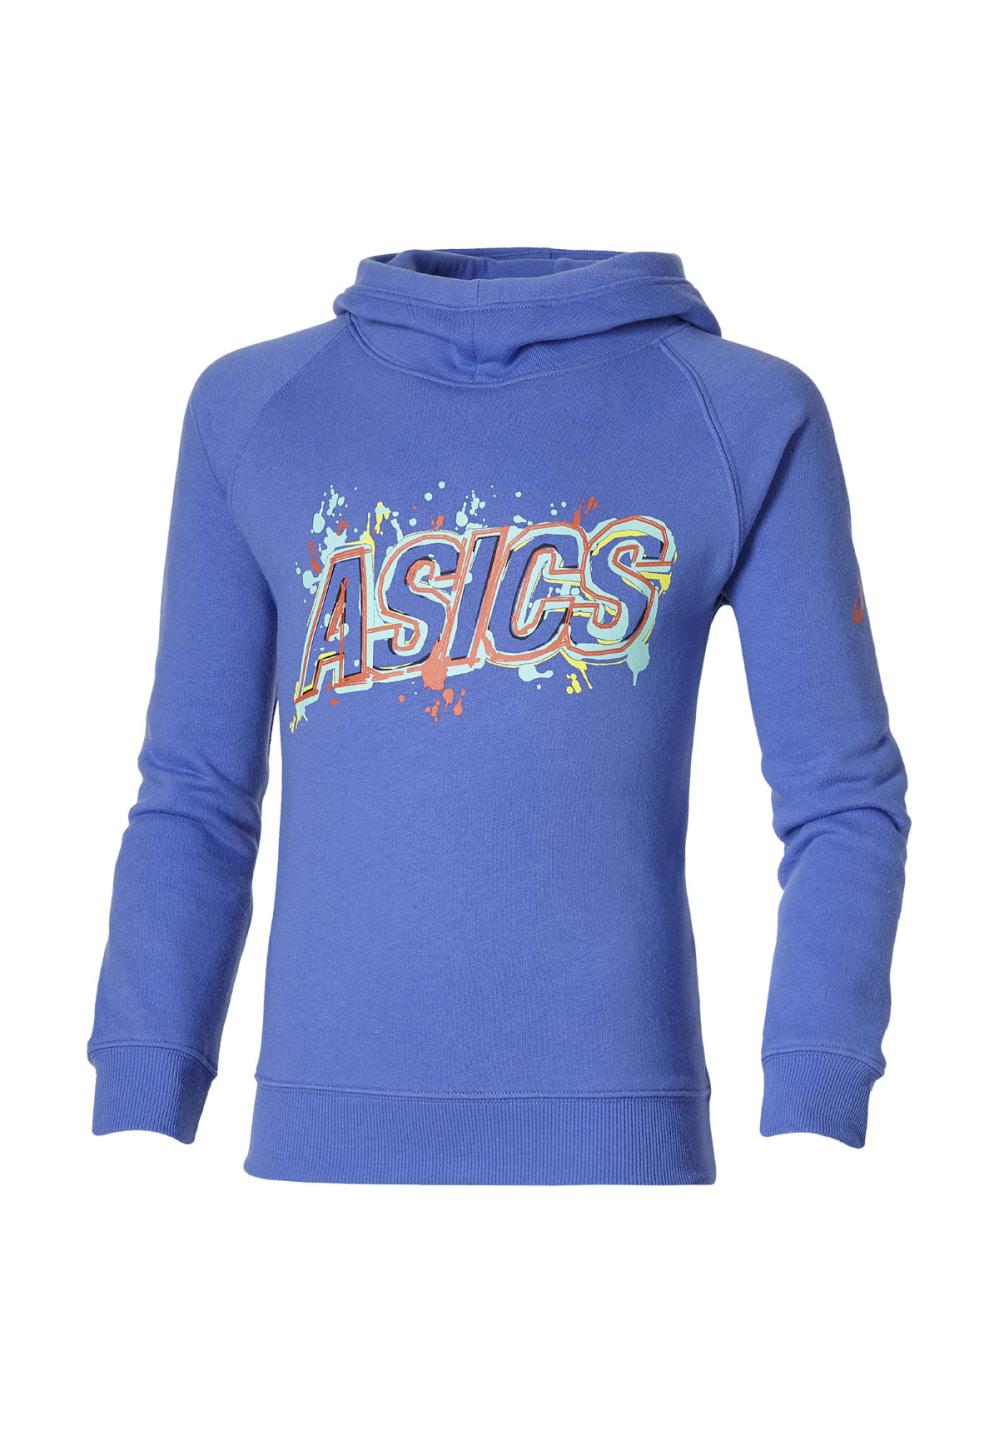 ASICS Graphic Hoodie - Laufshirts für Kinder Unisex - Blau, Gr. L